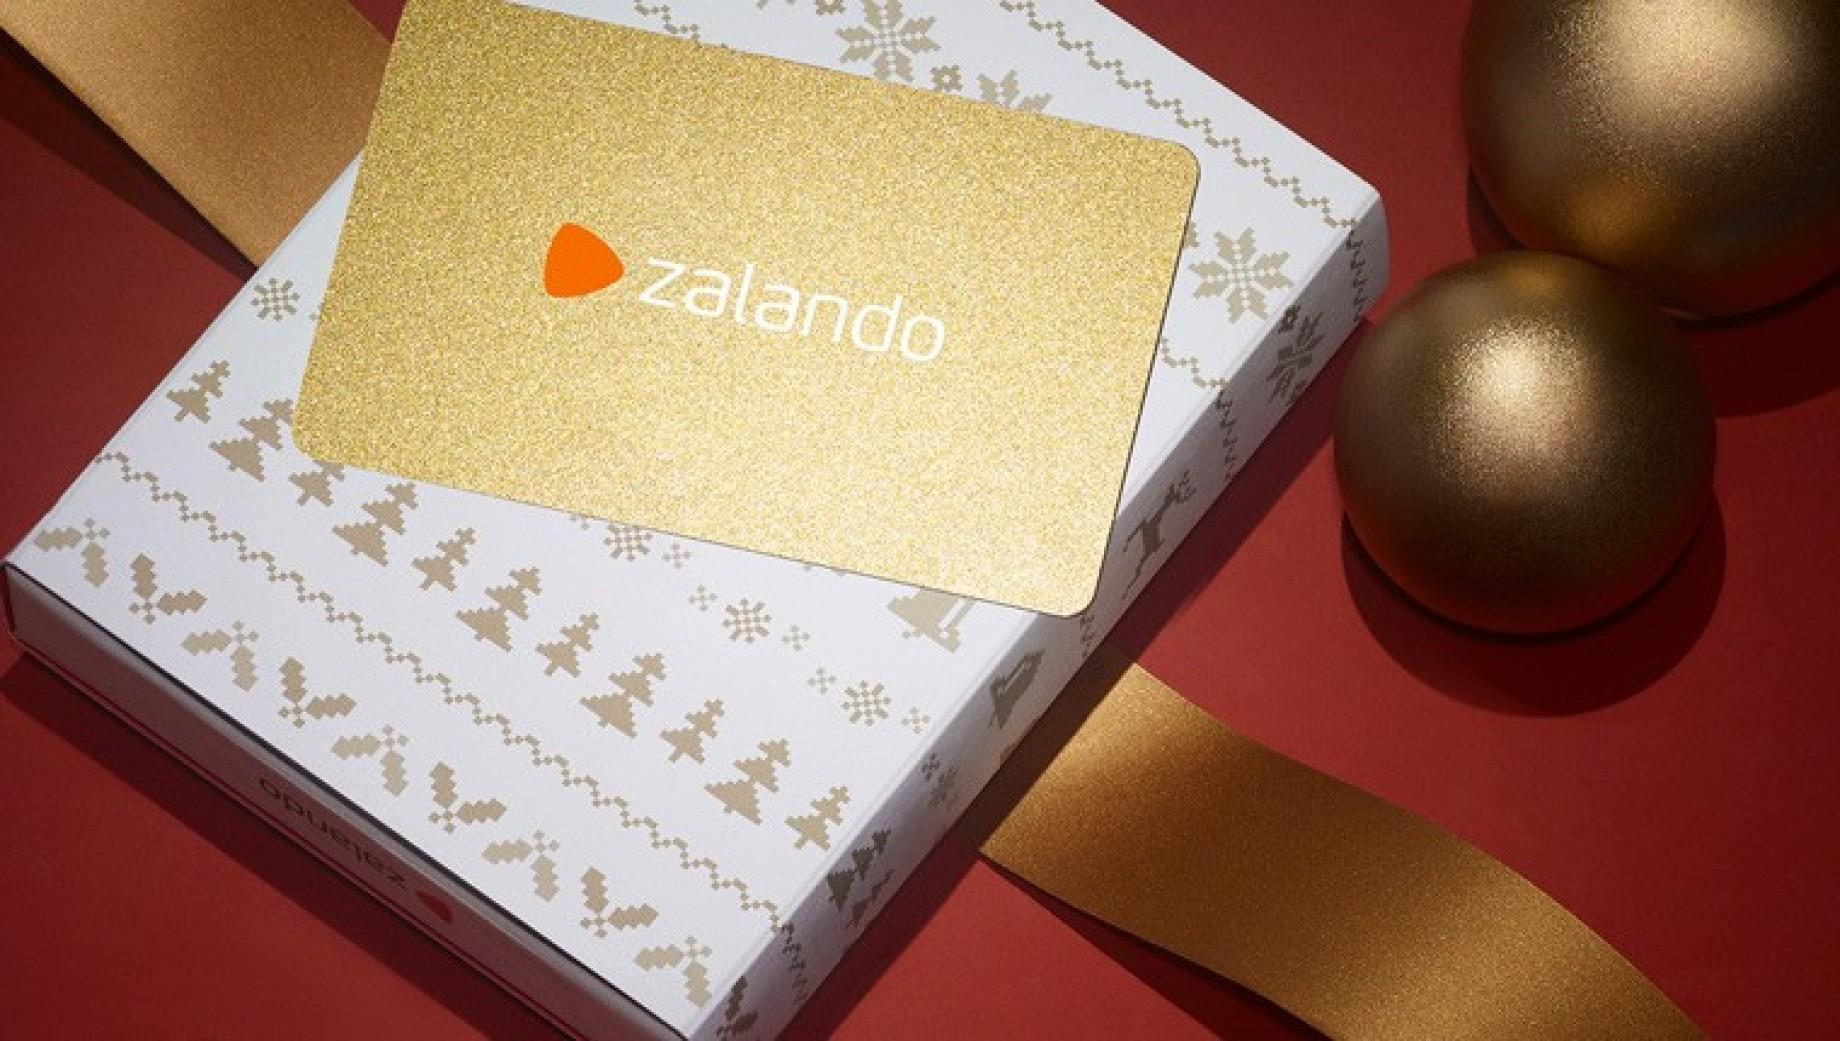 zalando card